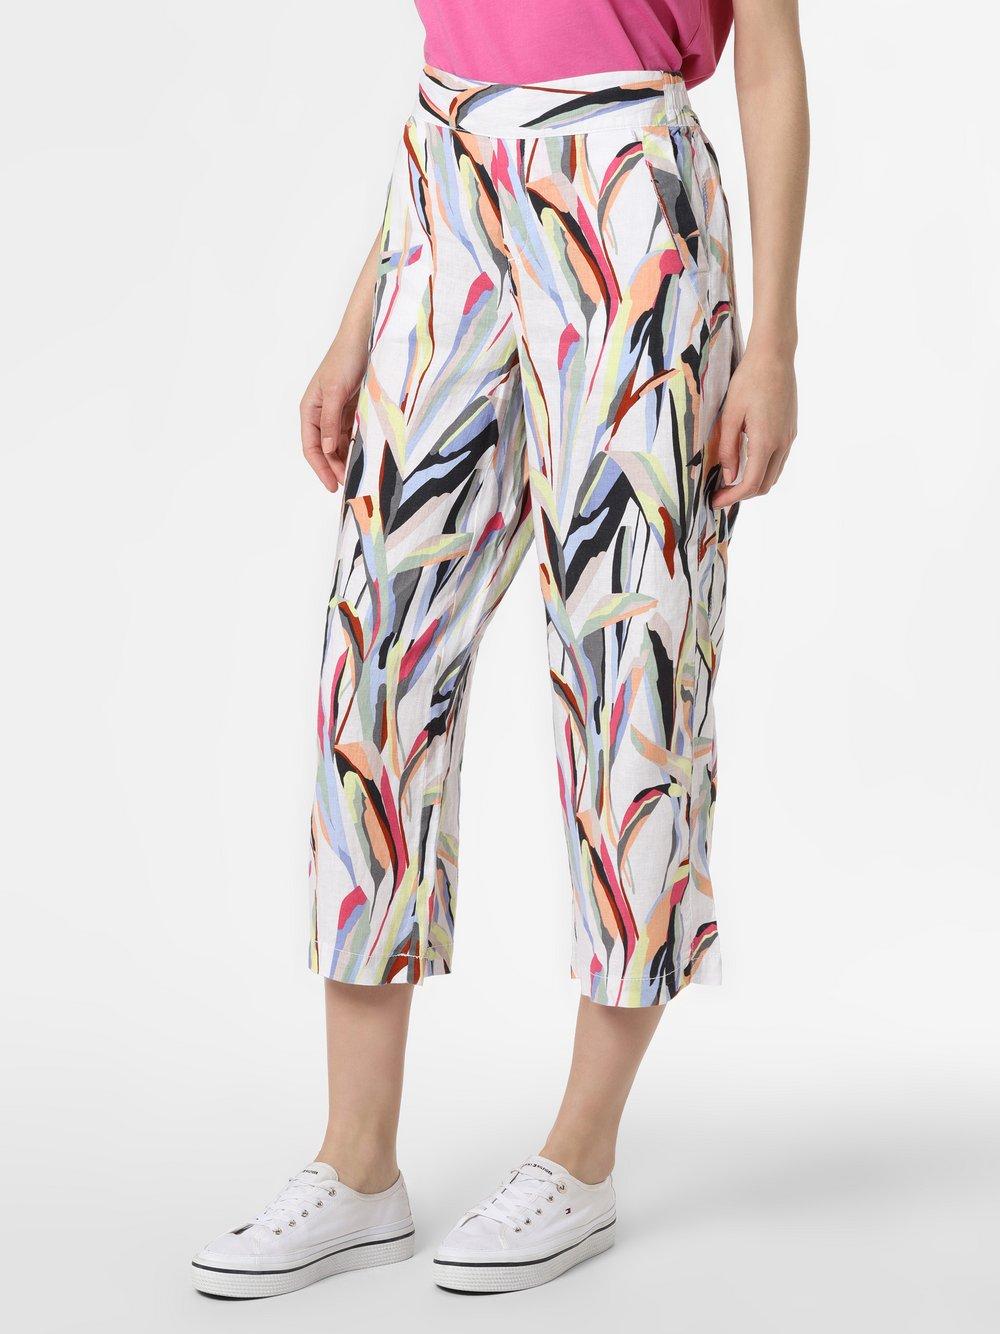 Street One - Damskie spodnie lniane – Emee, biały